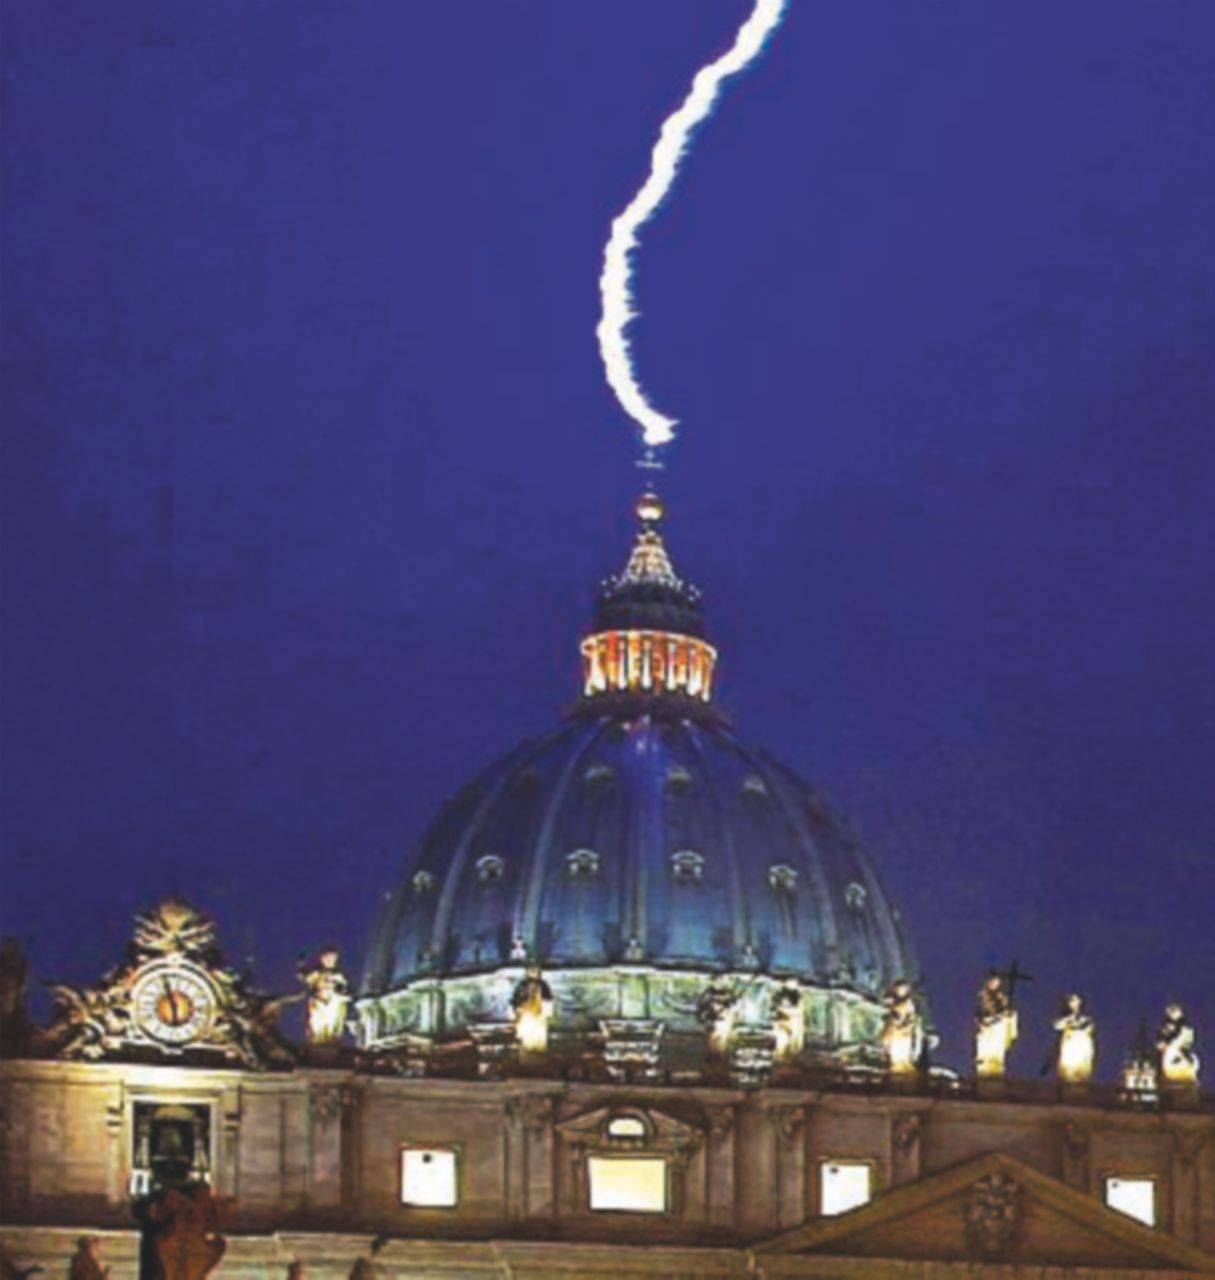 Adesso Francesco ha un dovere ribaltare la chiesa delle bugie